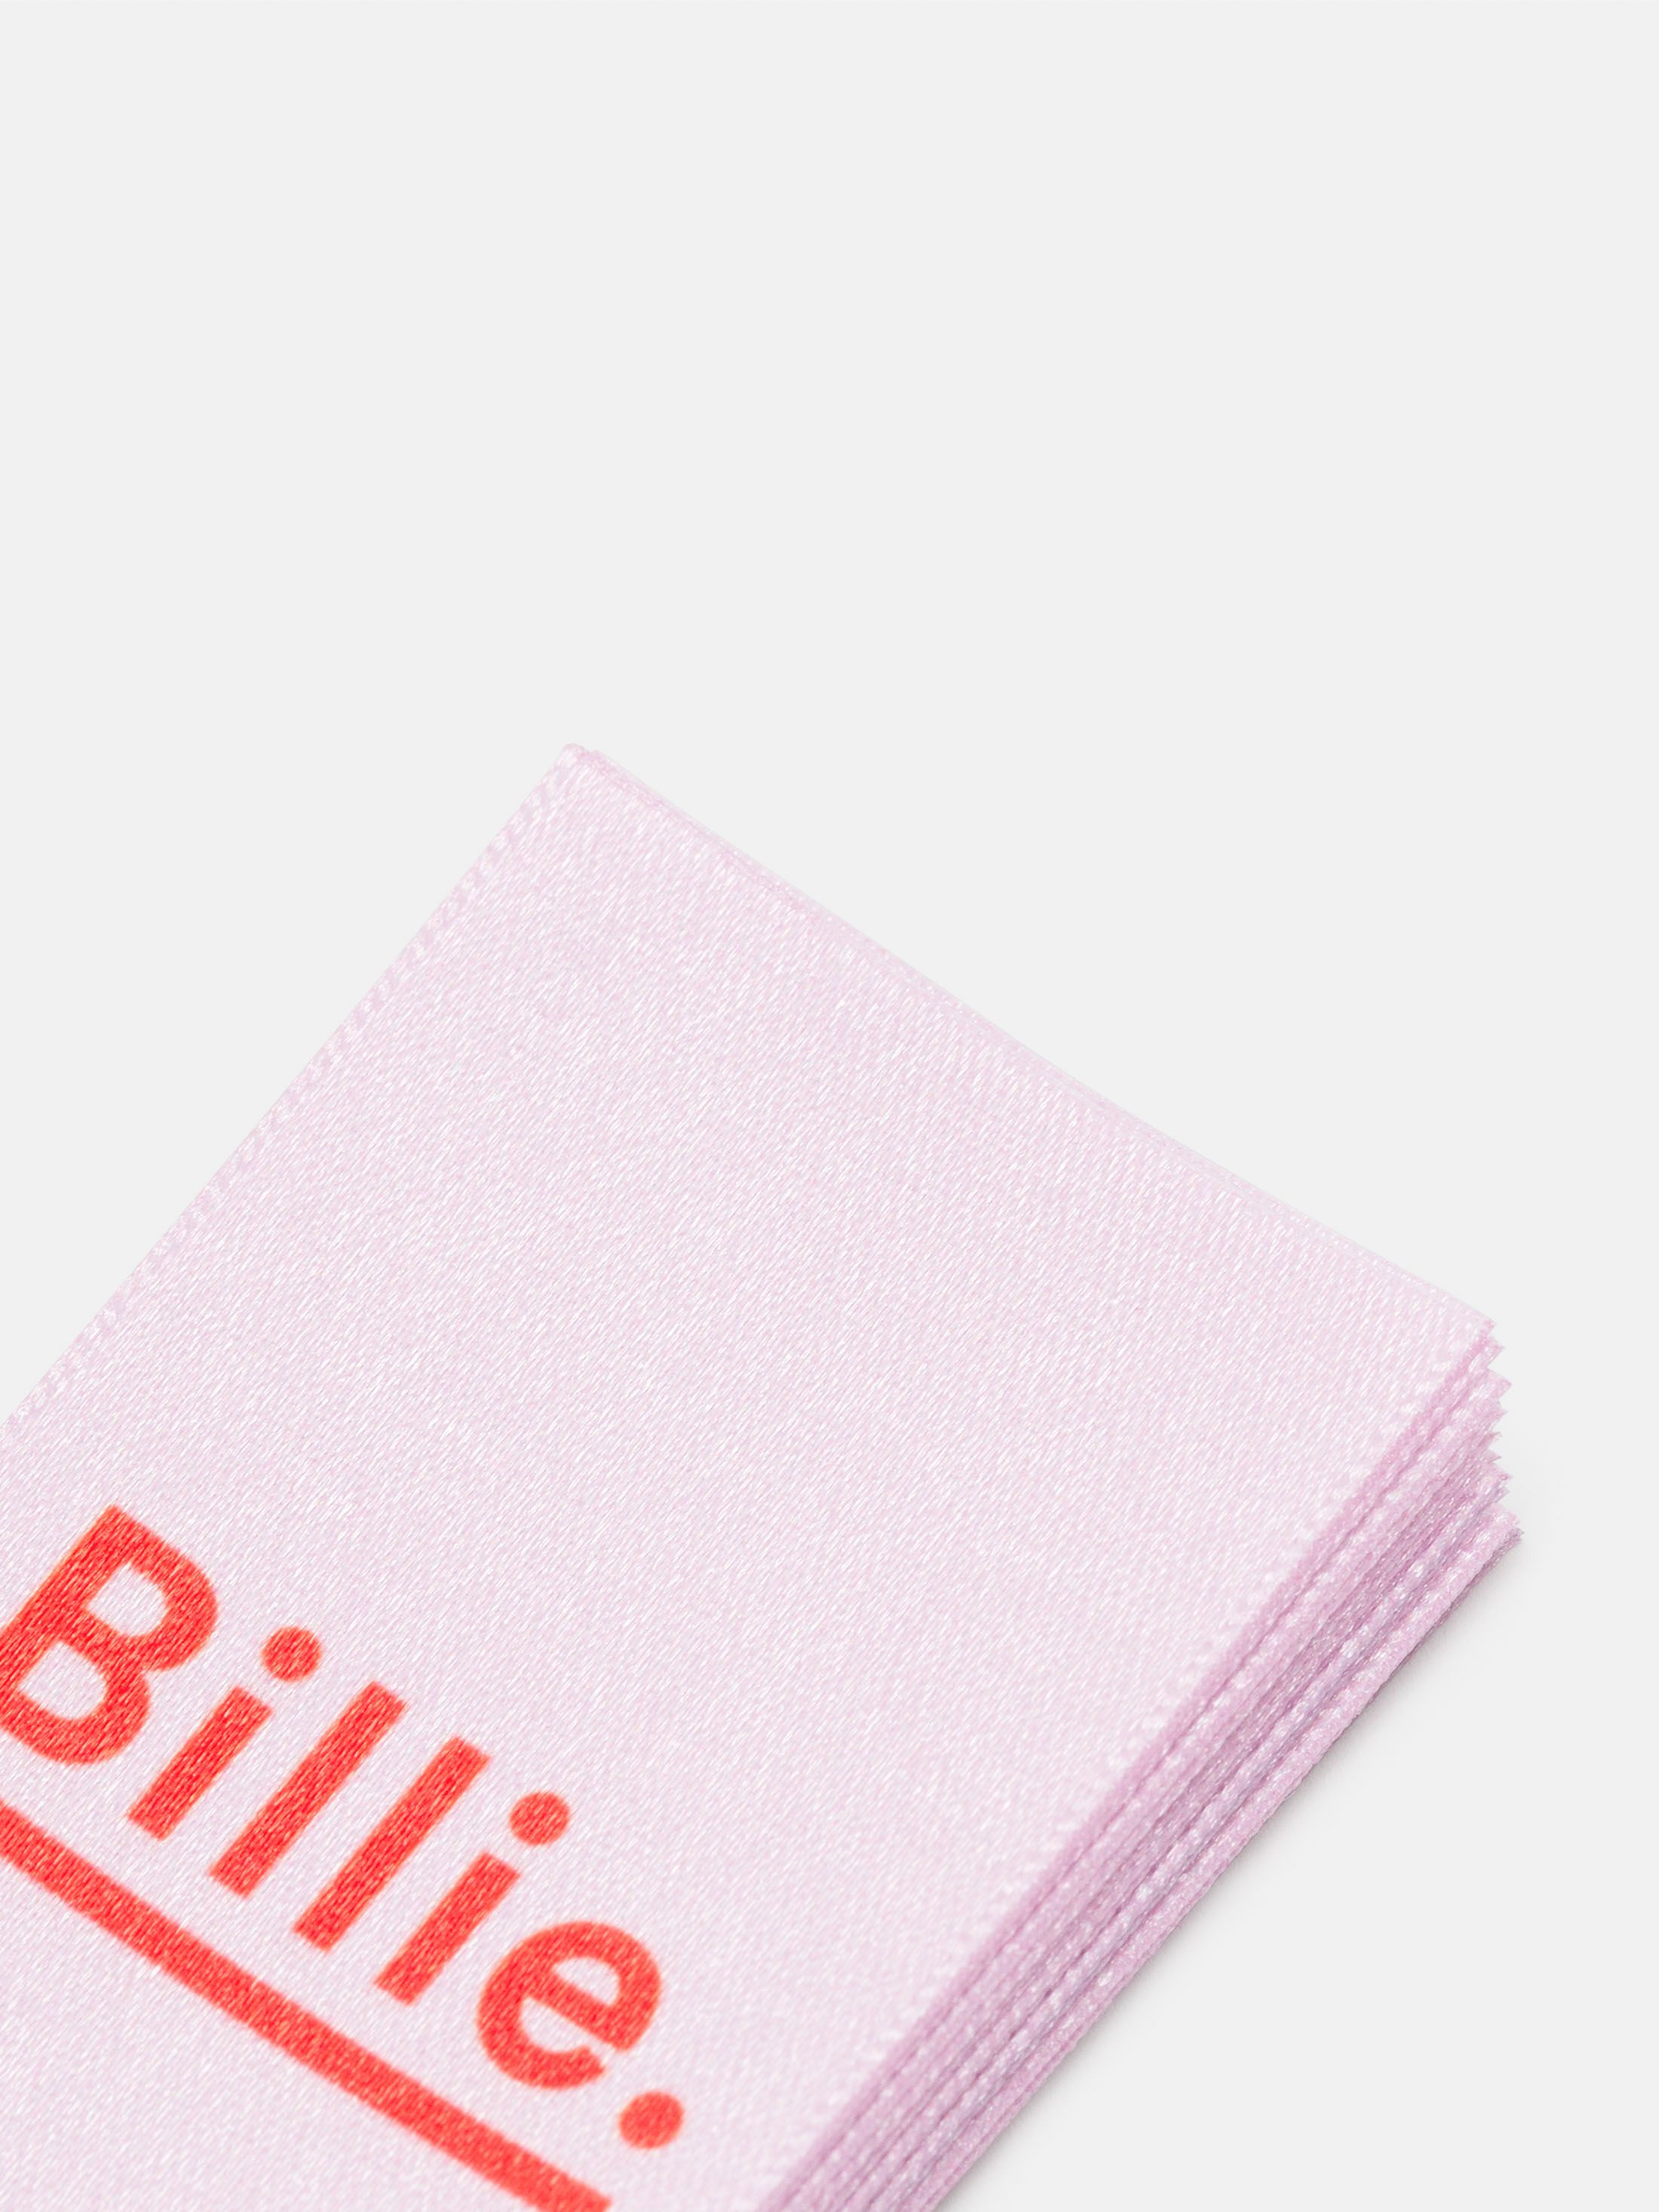 Etichette di tessuto personalizzate